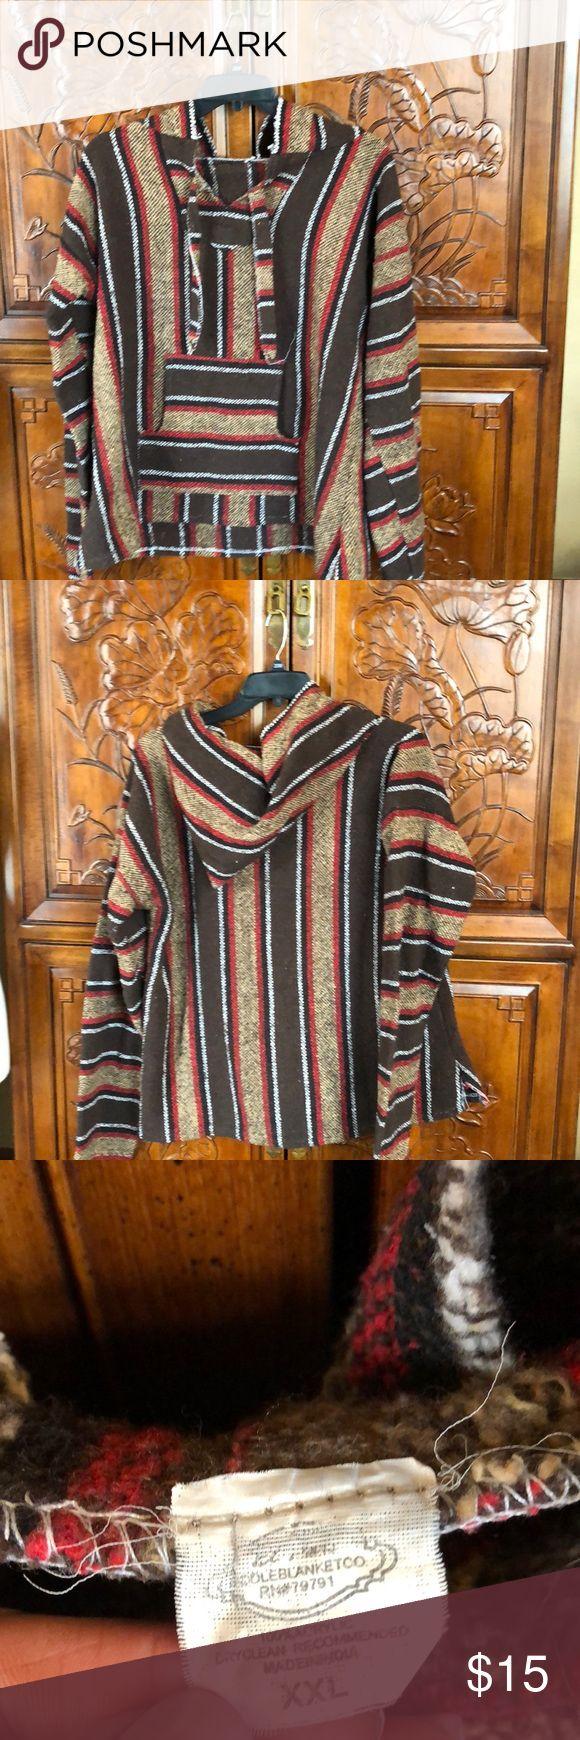 Baja Jacket Great Condition Jackets & Coats